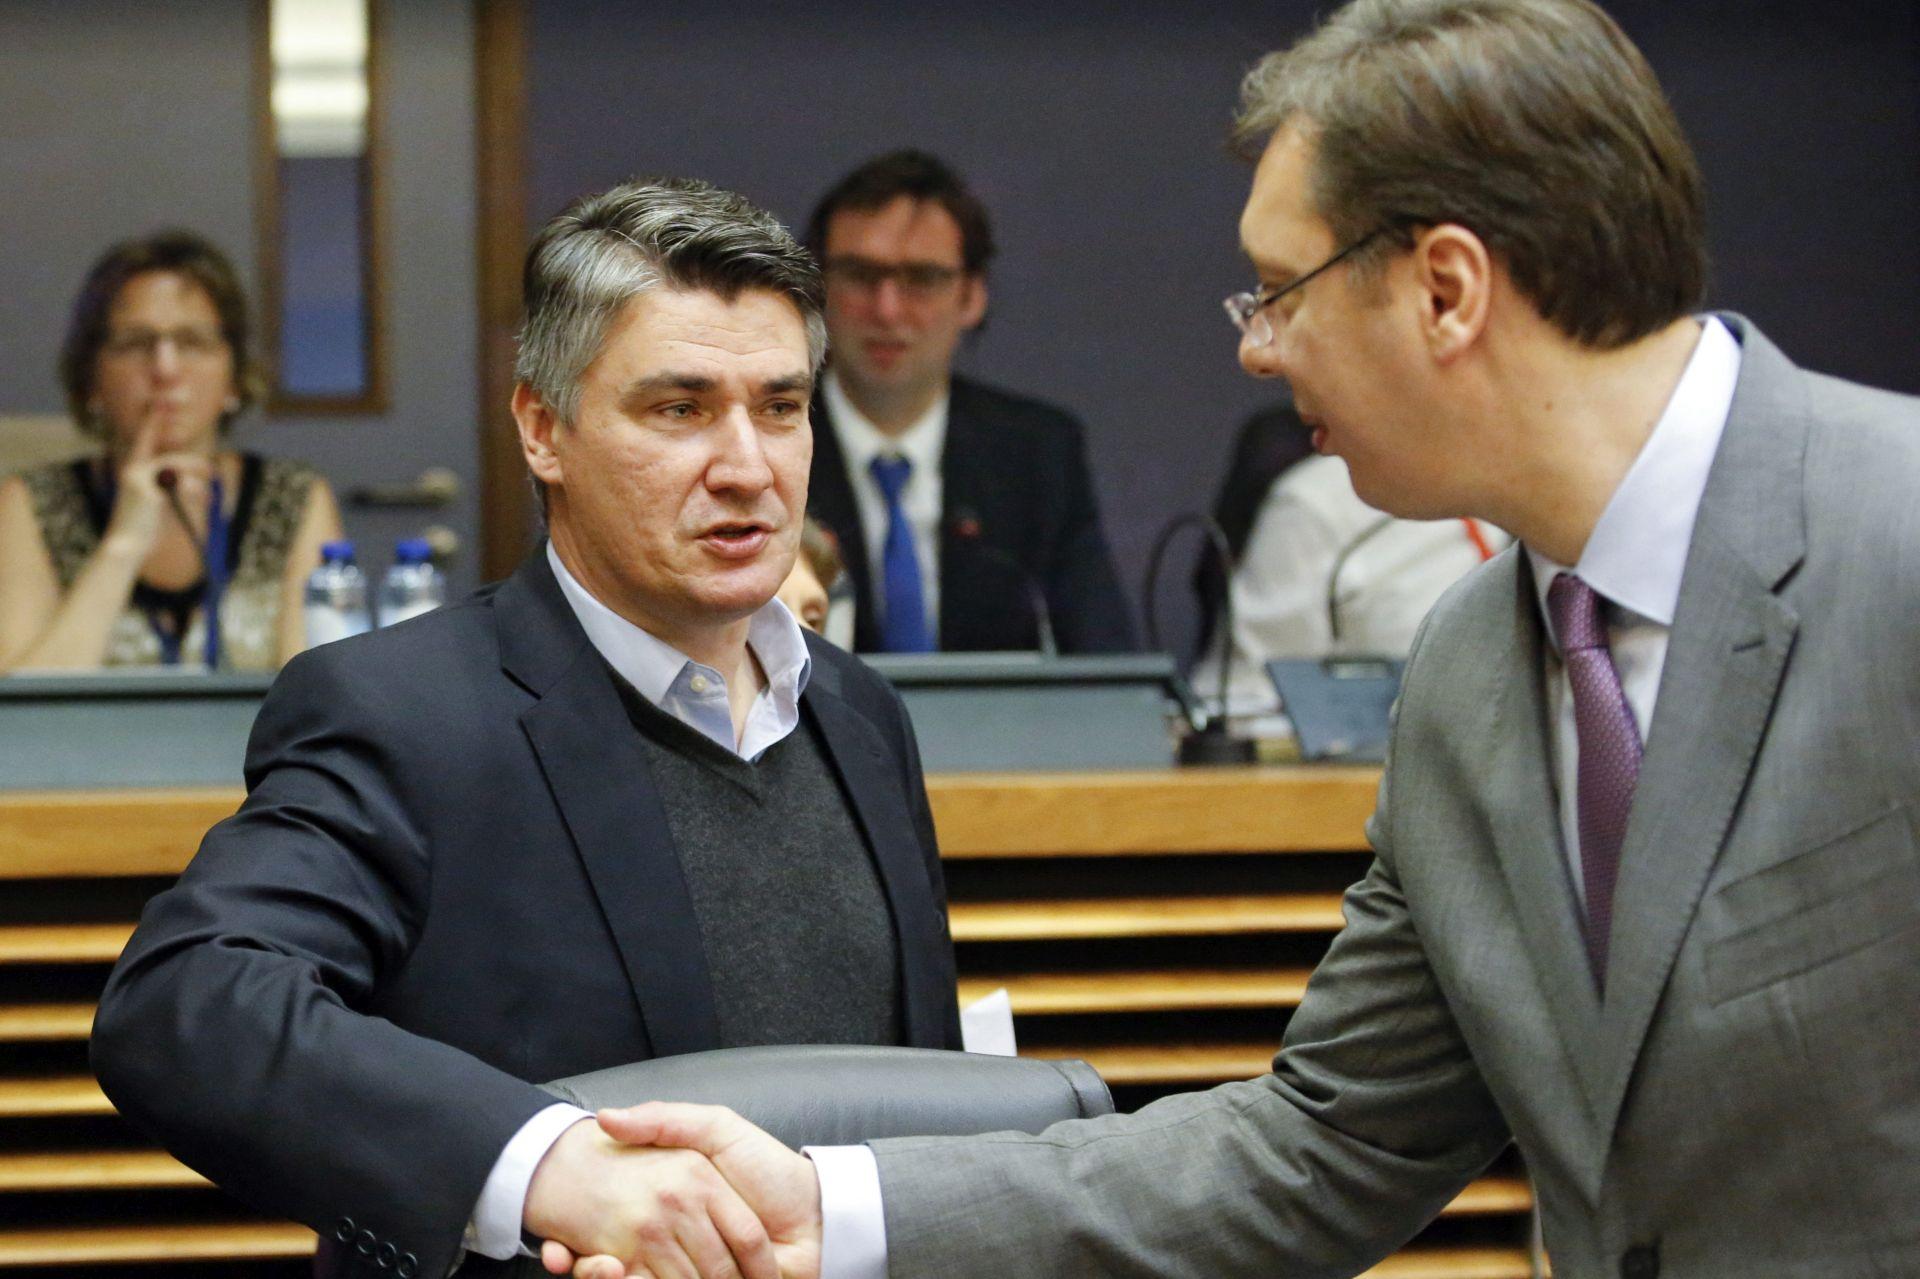 Milanović očekuje konstruktivni razgovor a ne usvajanje neprovedivih zaključaka oko migranata